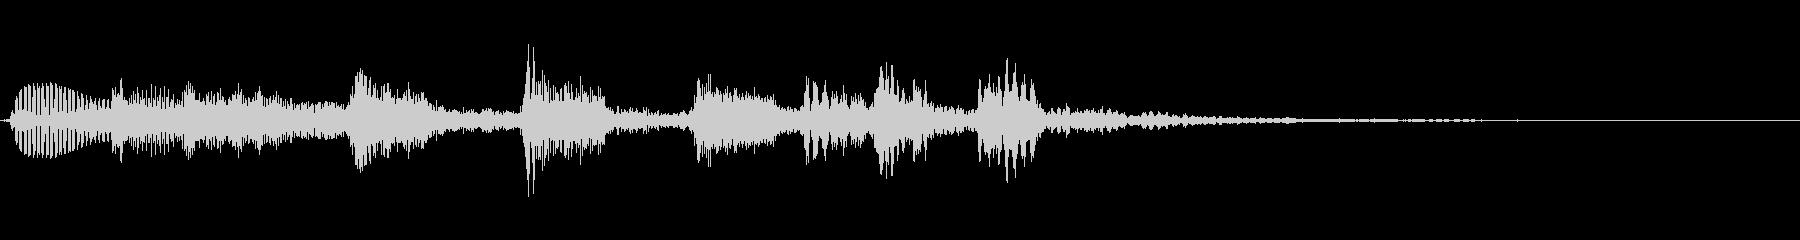 オシャレなジャズ アコギ  ジングル2の未再生の波形